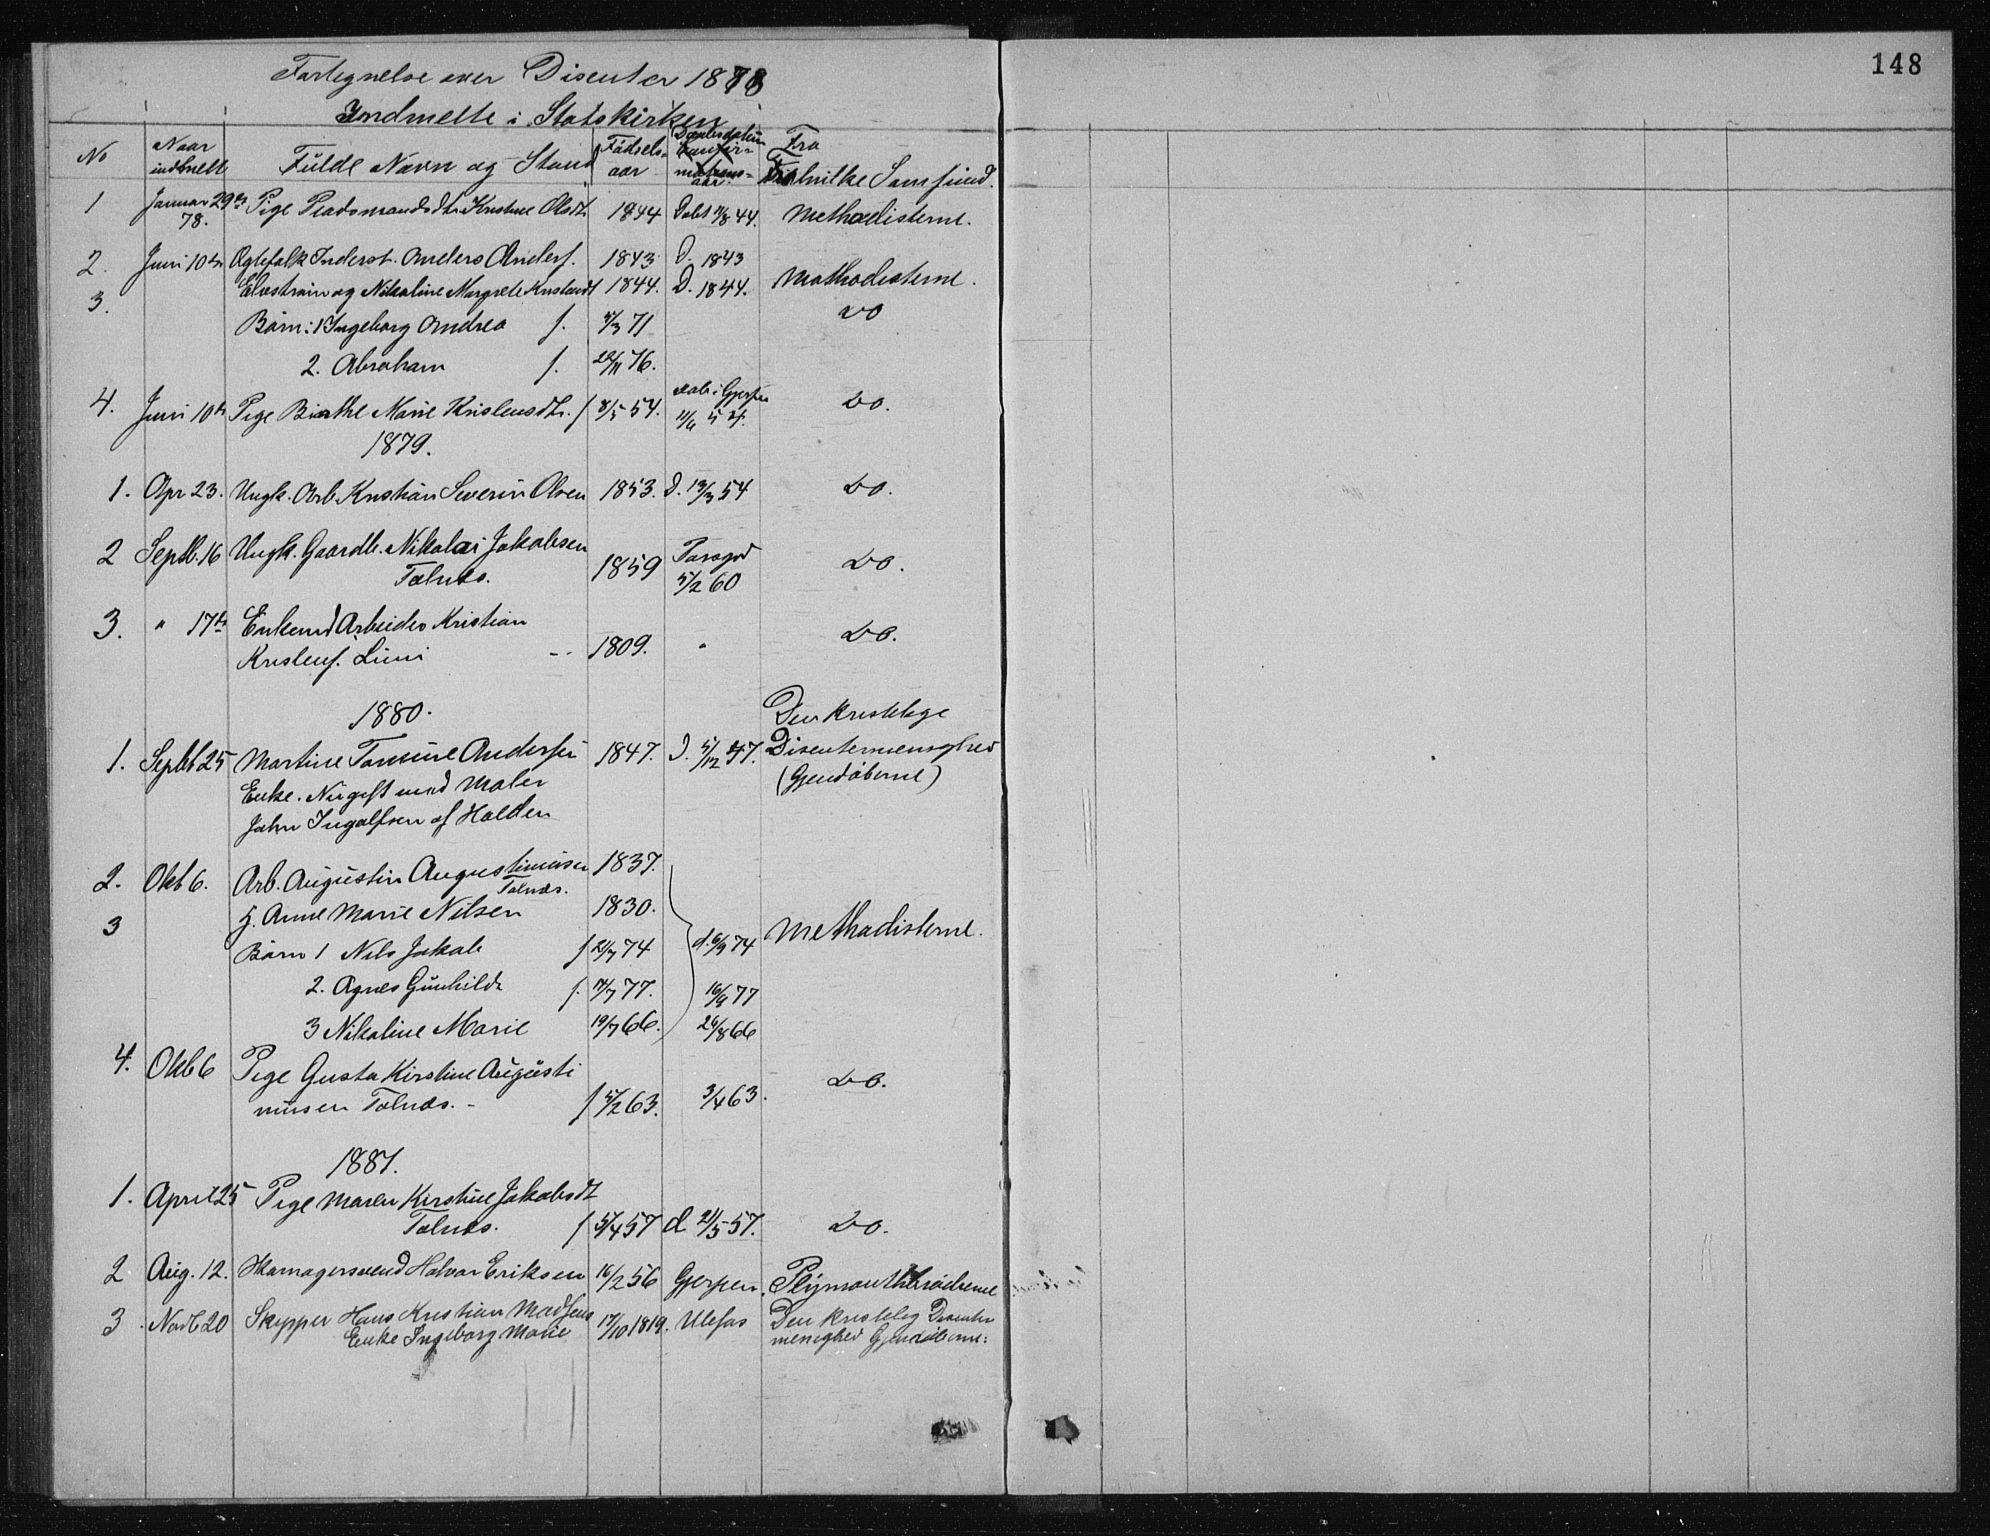 SAKO, Solum kirkebøker, G/Ga/L0005: Klokkerbok nr. I 5, 1877-1881, s. 148